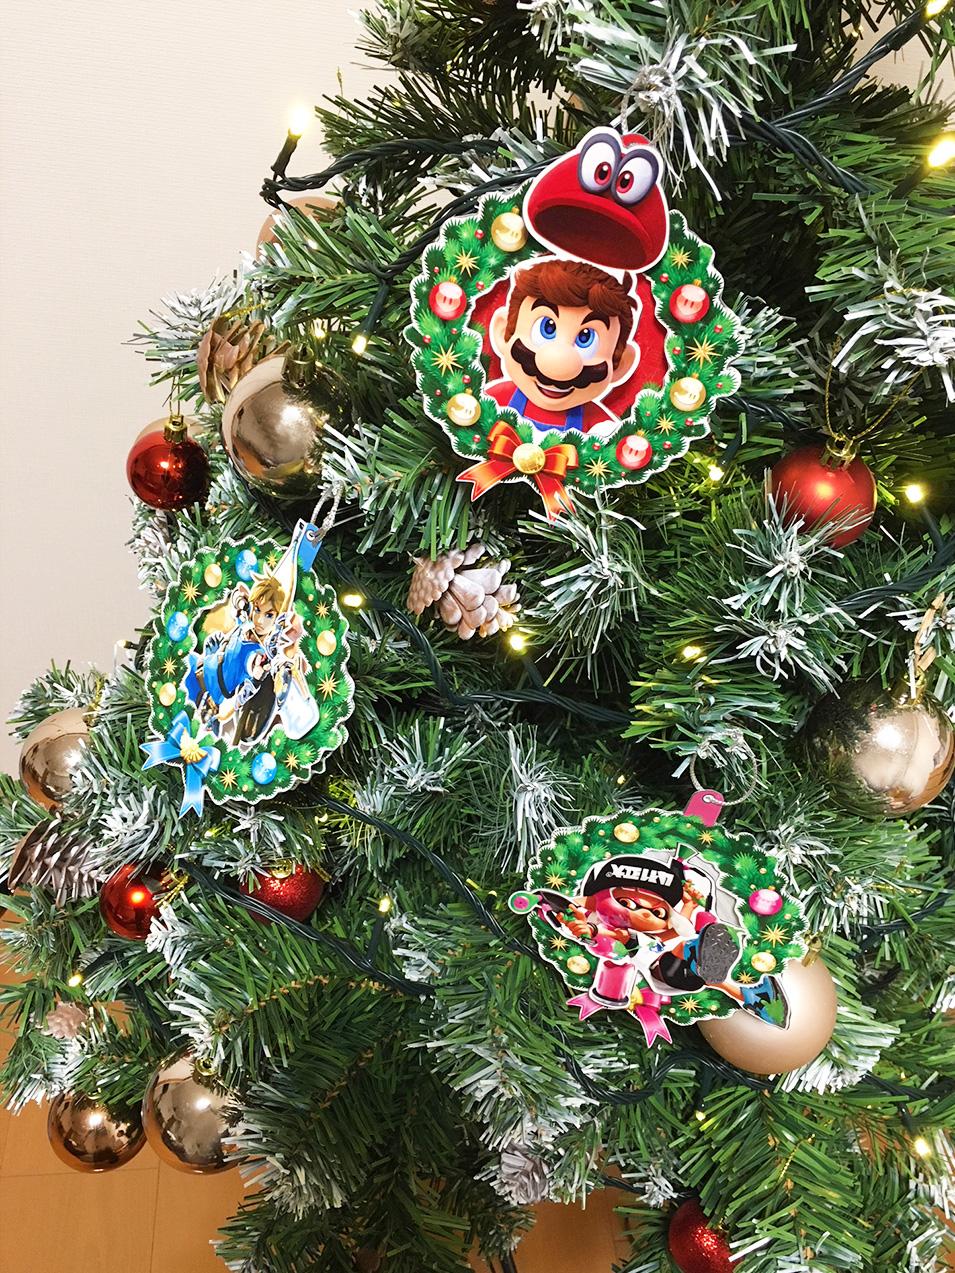 Nintendo news (Dec. 25): Nintendo Minute / Mario Party: The Top 100 ...